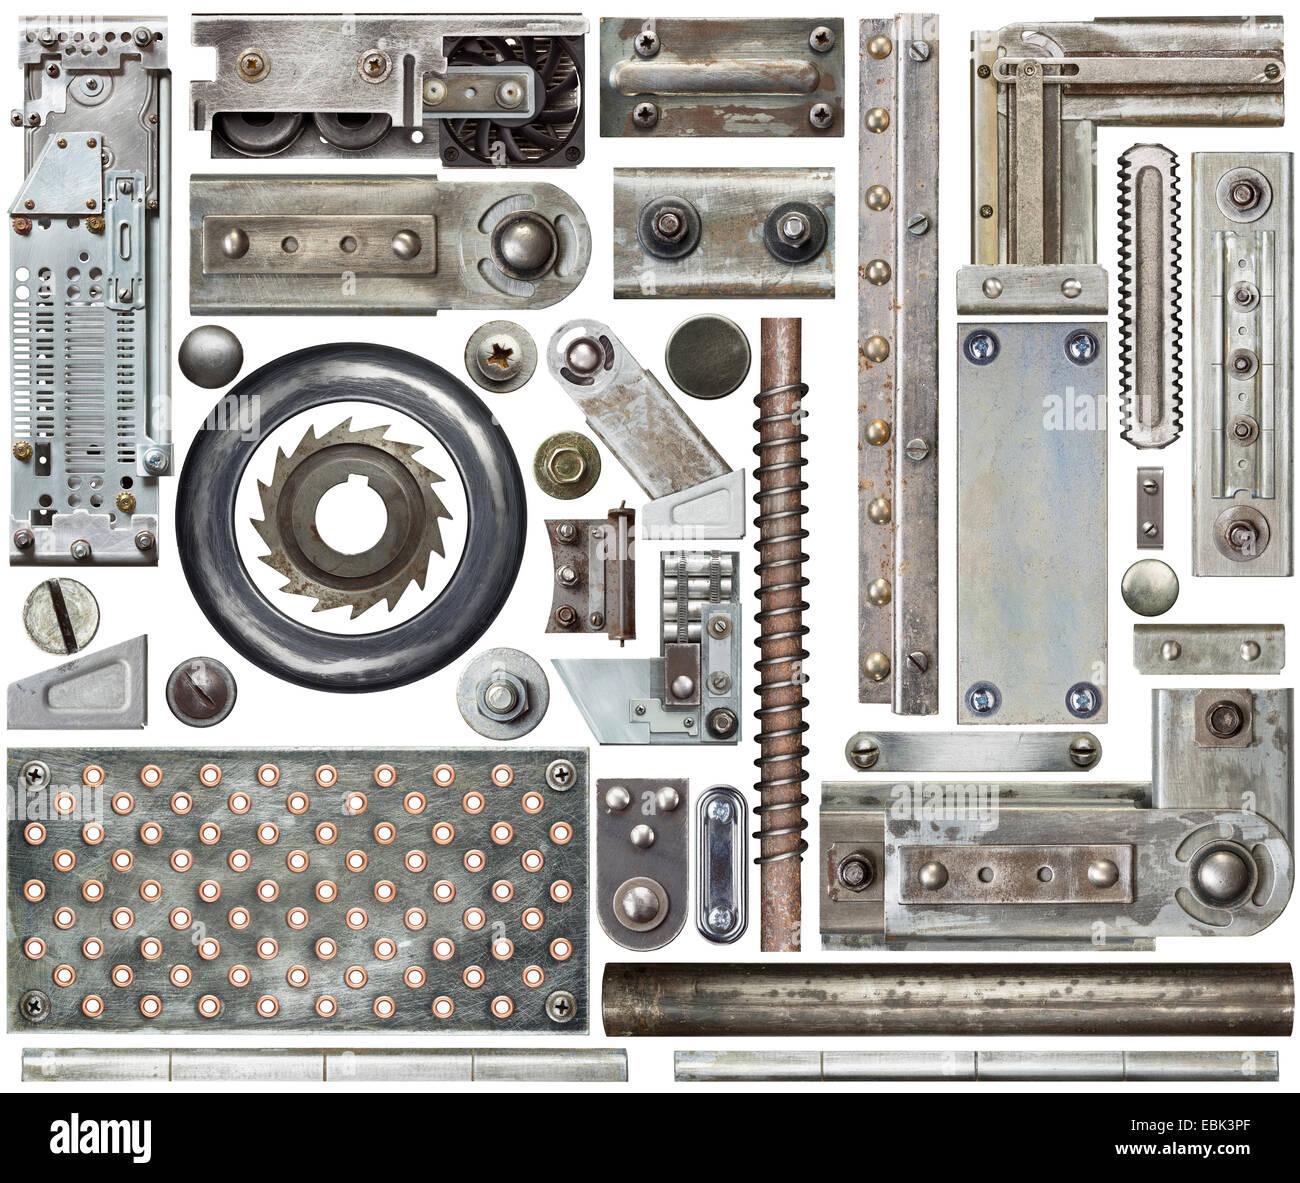 Industrial metal design elements - Stock Image